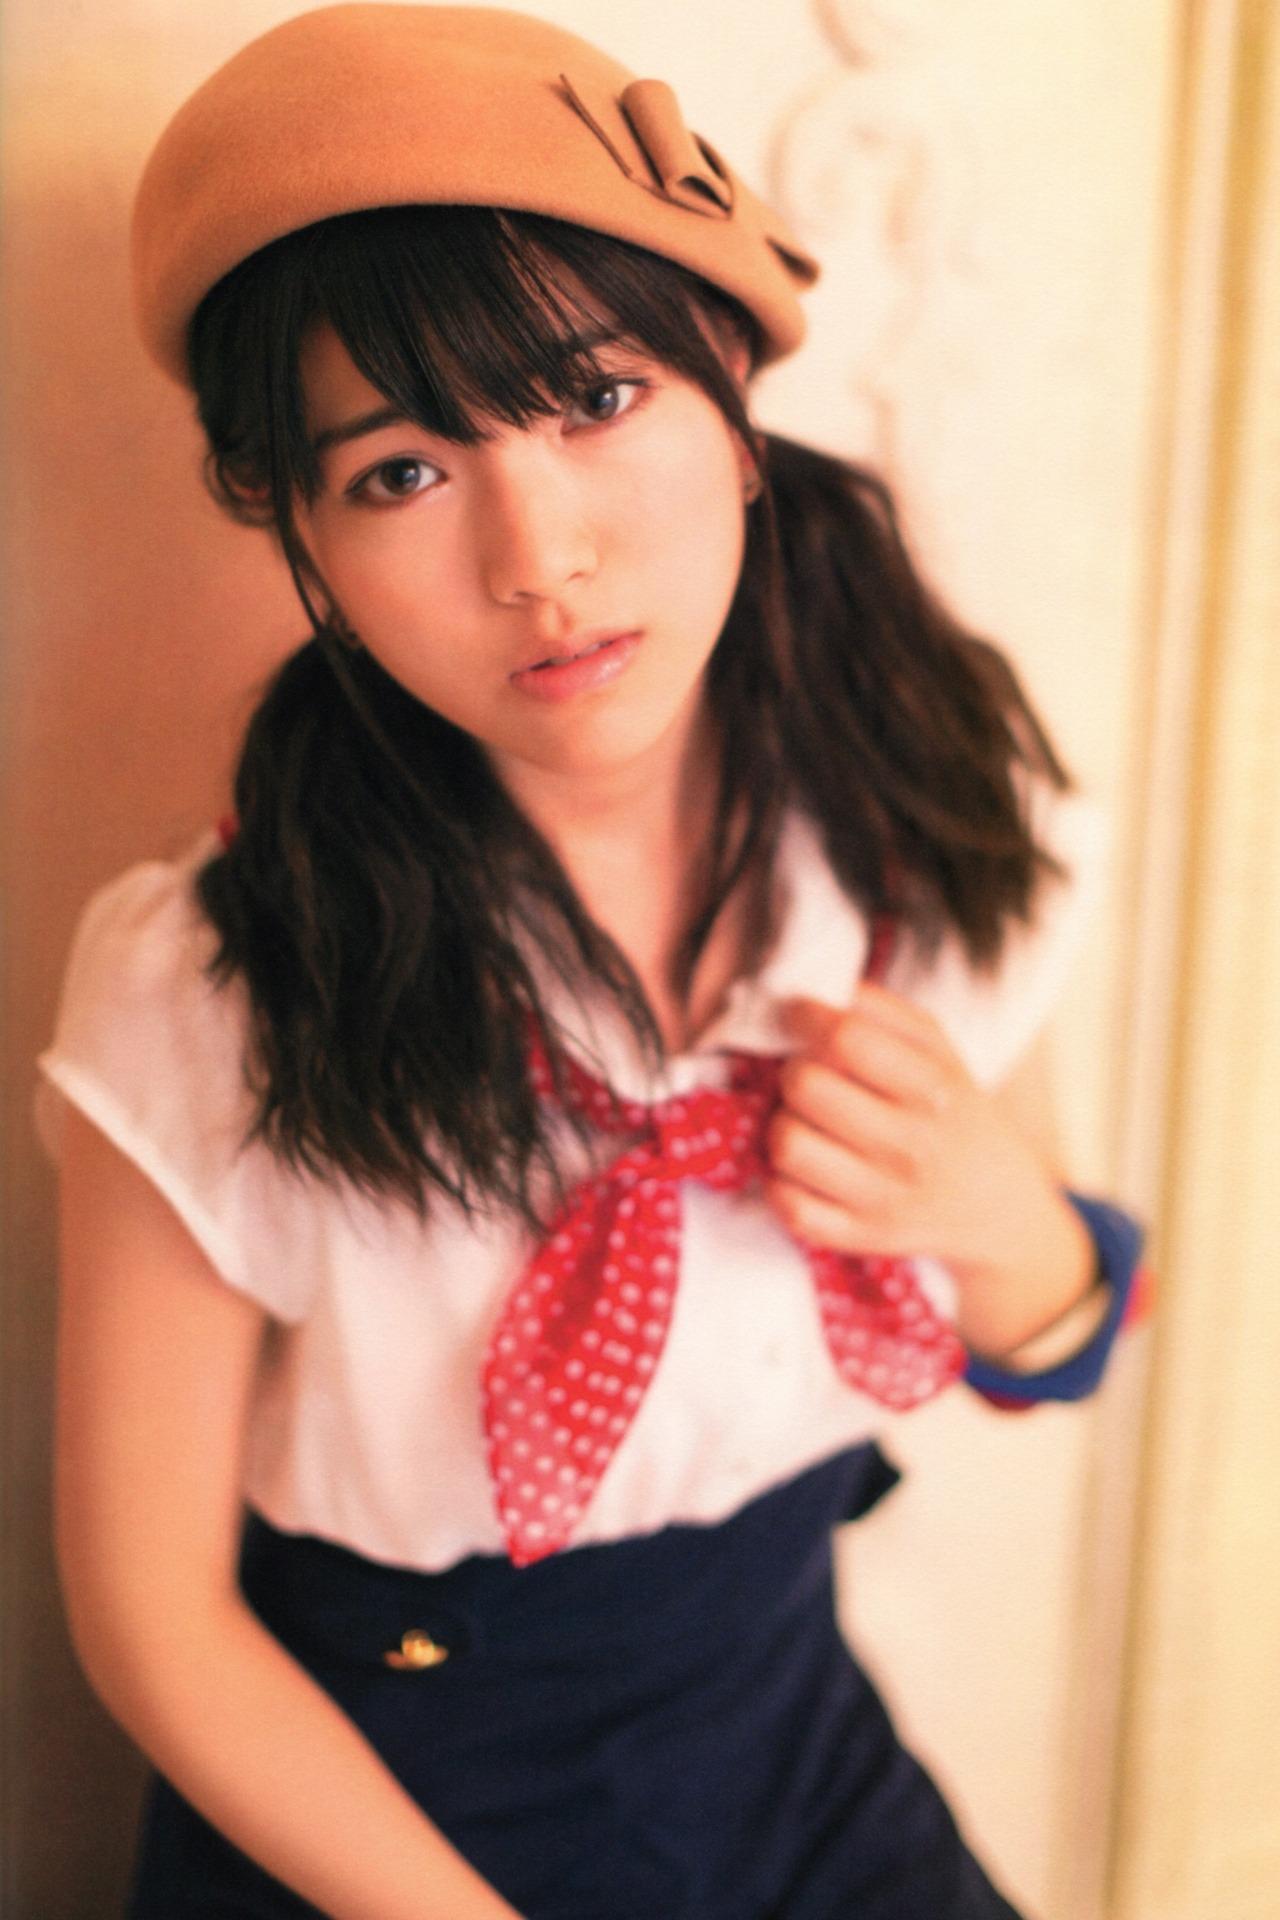 ishihara_kaori084.jpg